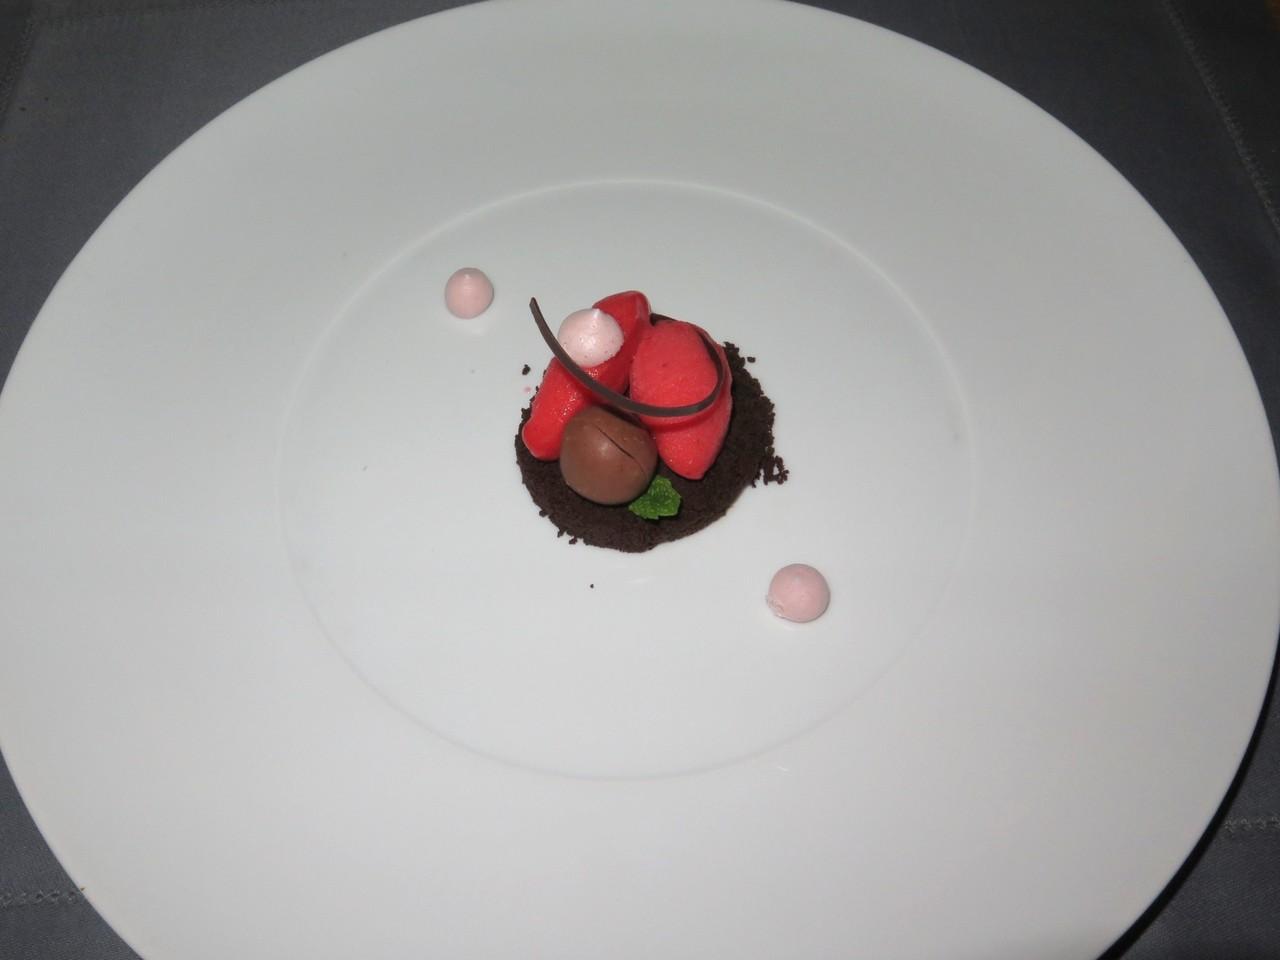 Sablé de chocolate e sorbet de morango